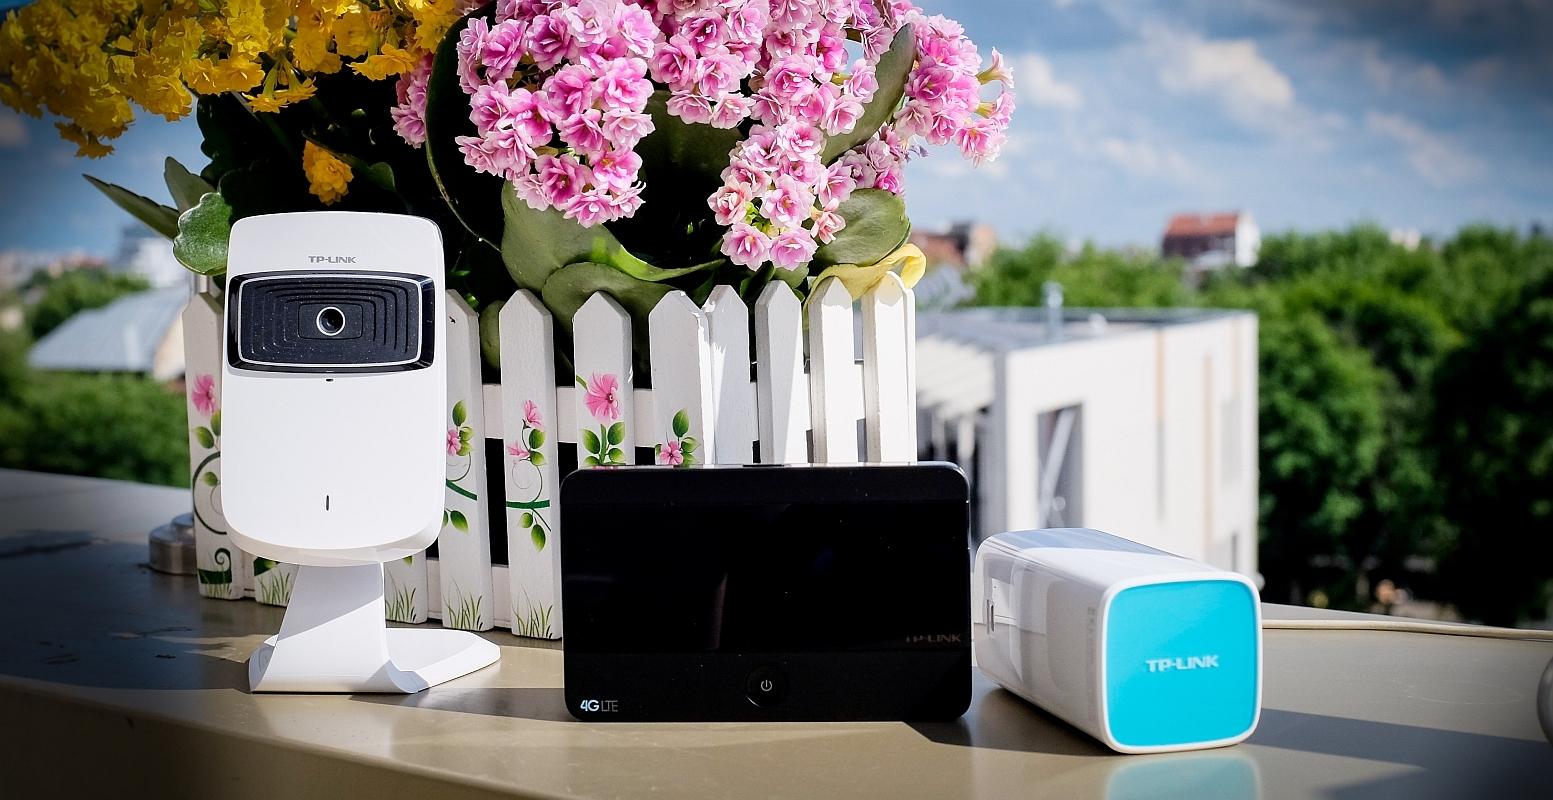 Router-ul mobil TP-LINK M7350 și camera cloud TP-LINK NC200, cele mai utile gadget-uri pentru o vacanță reușită